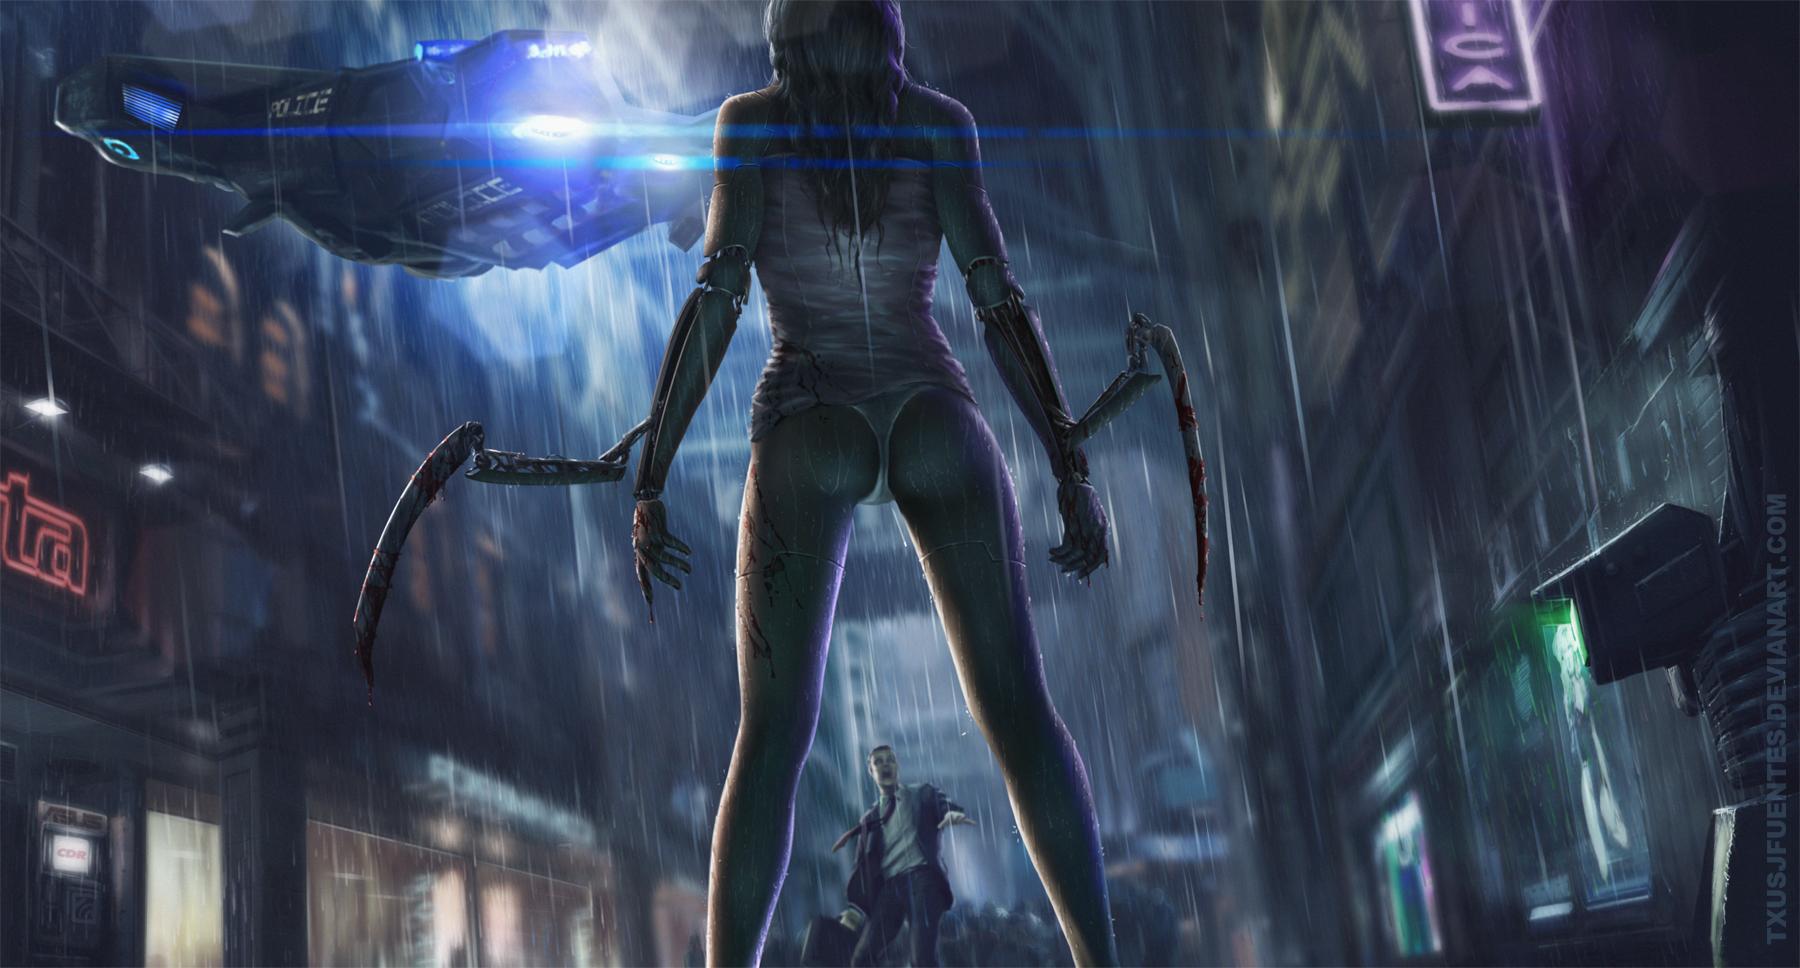 Willkommen in der Welt von Cyberpunk 2077 ein storygetriebenes OpenWorldRollenspiel aus einer düsteren Zukunft von CD PROJEKT RED den Entwicklern der The